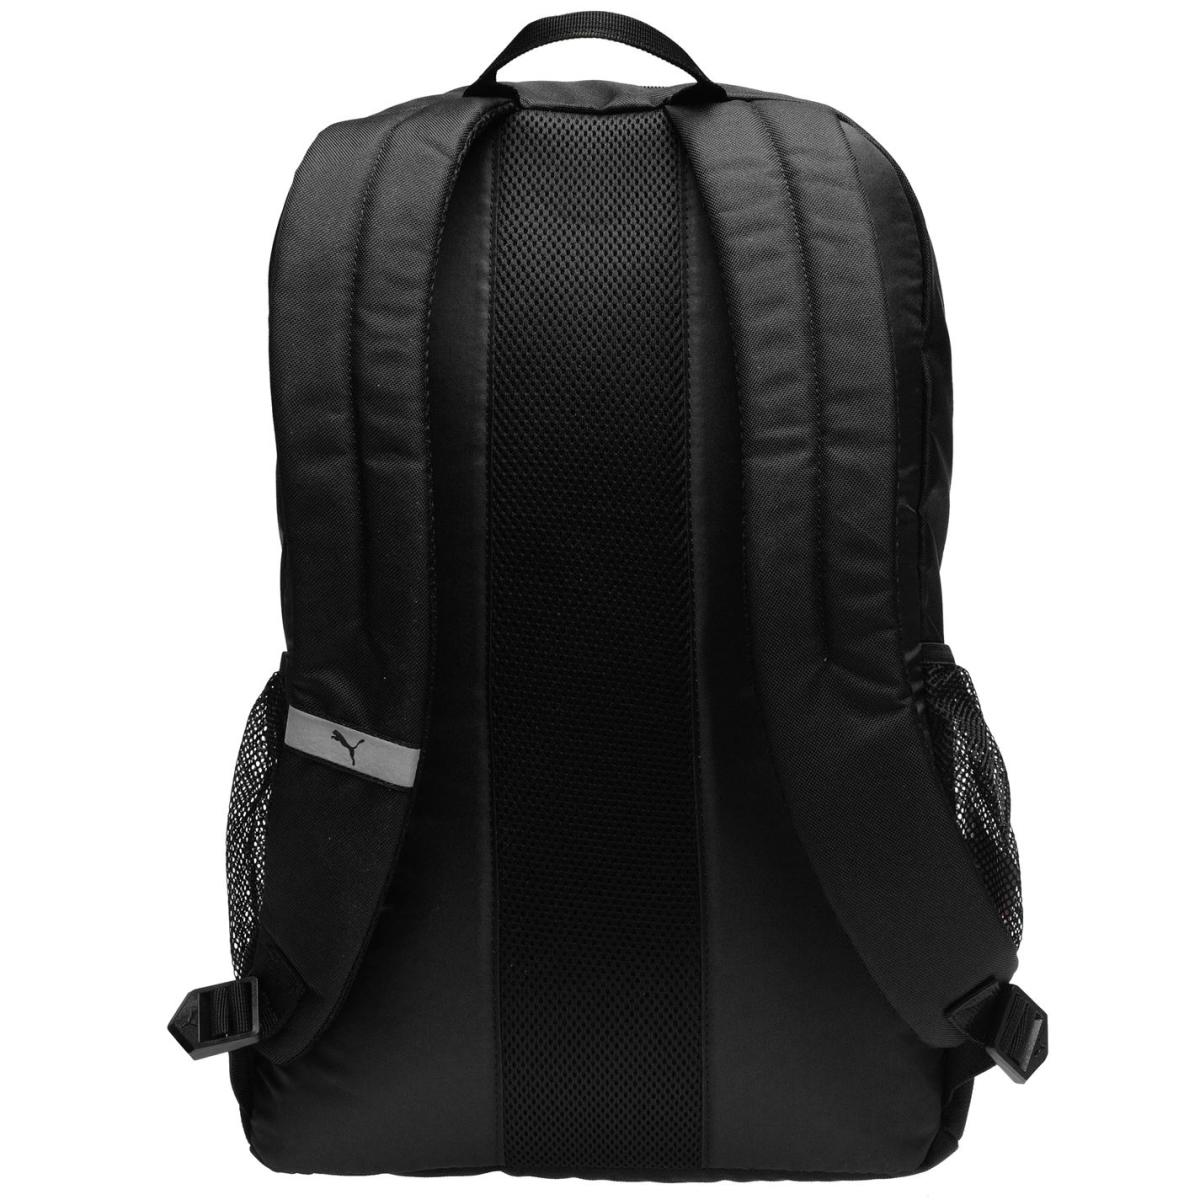 Details zu Puma Rucksack Schulrucksack Sport Reisen Wandern Backpack Damen Herren 7043